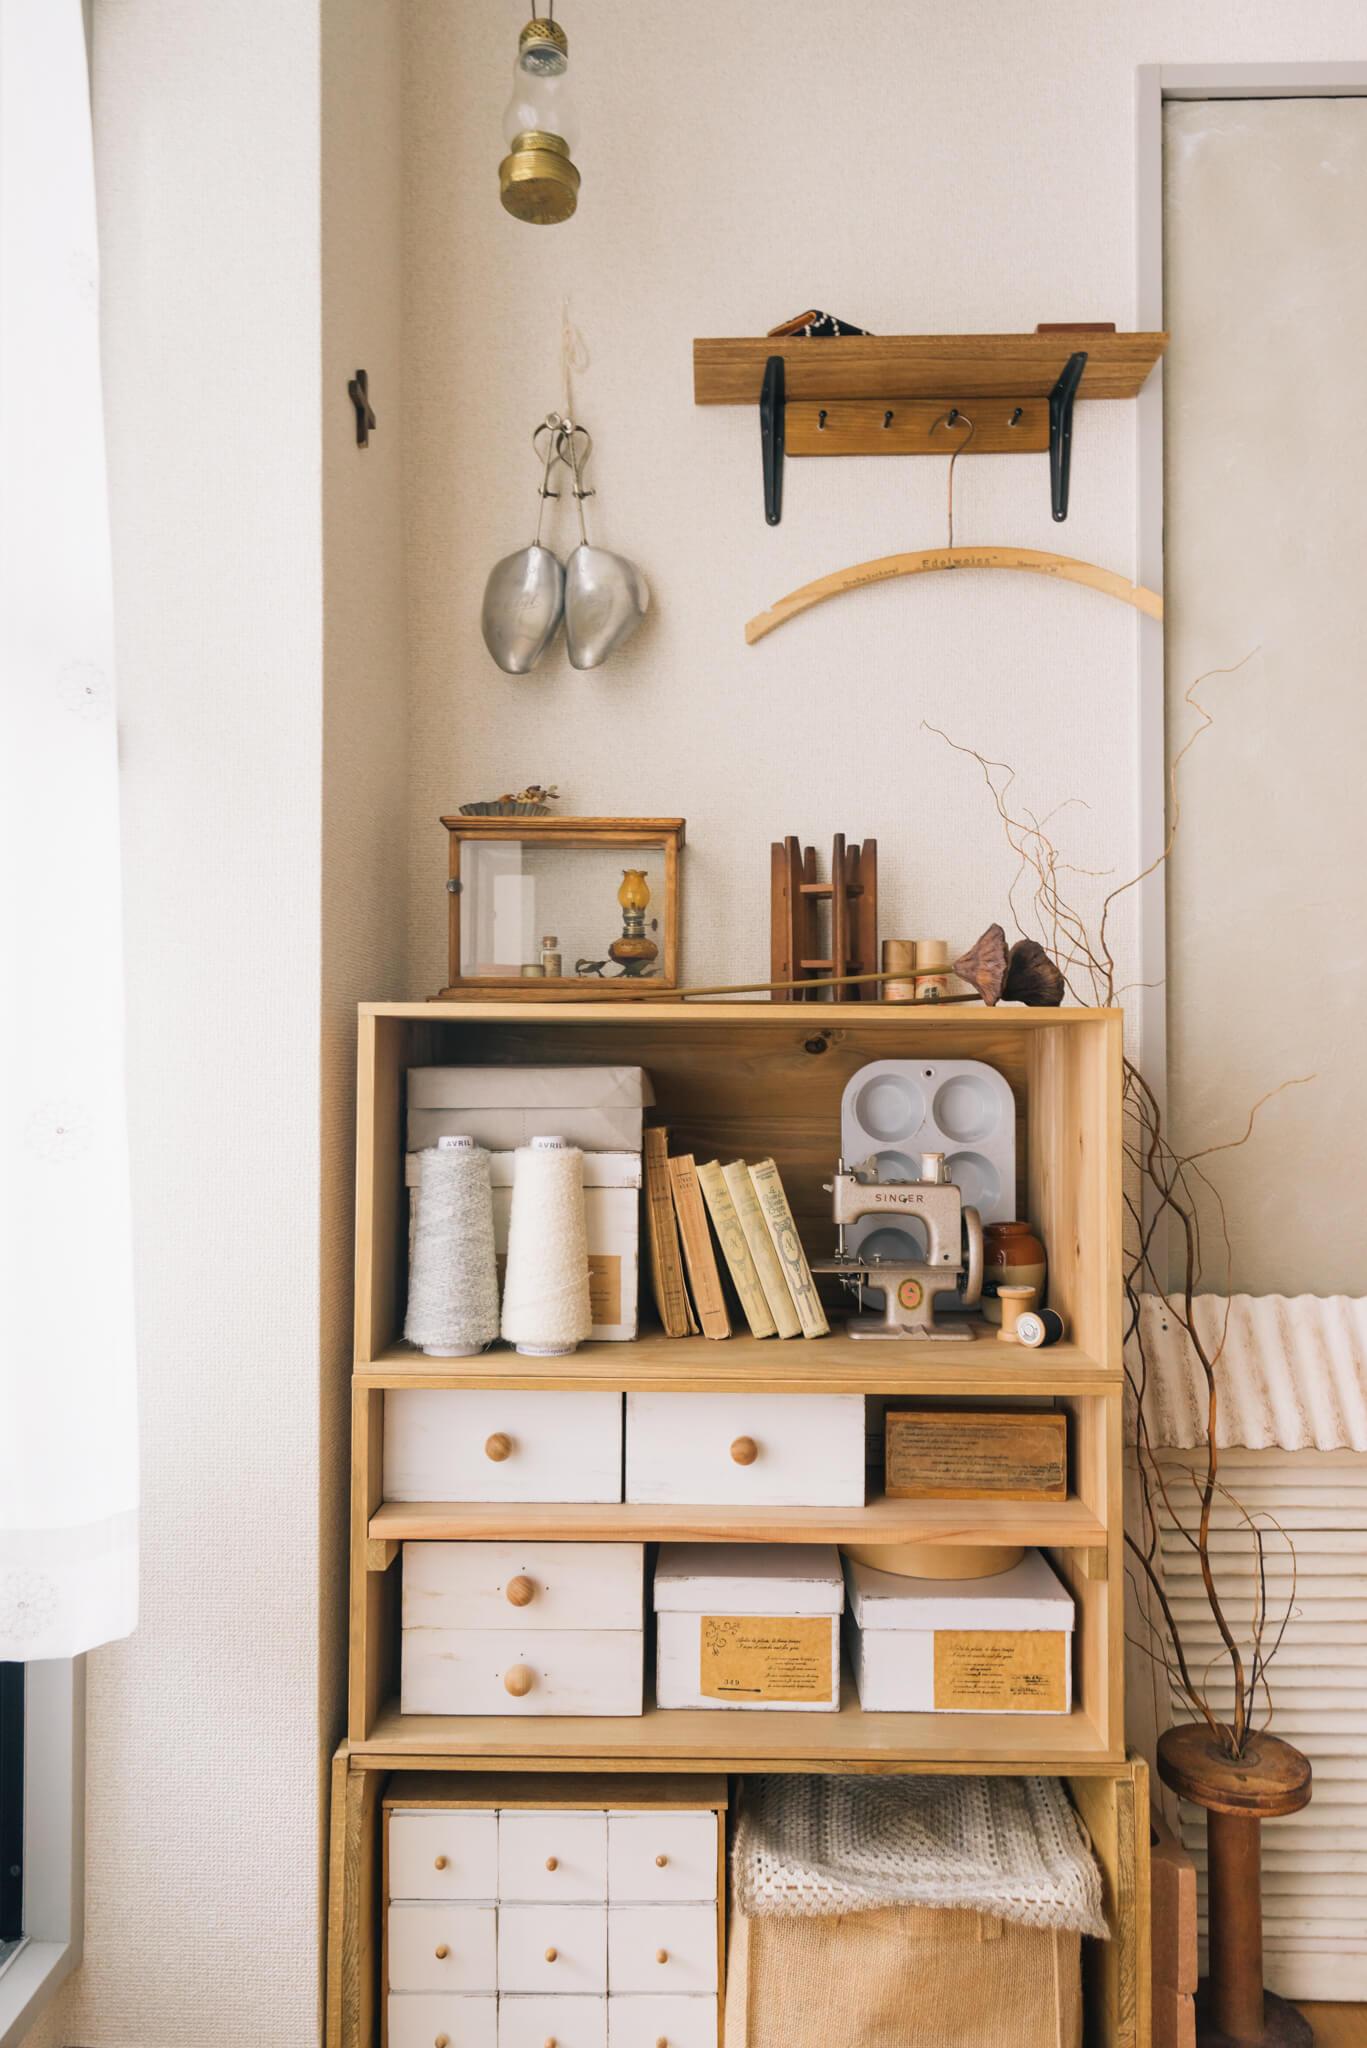 お隣のベッドルームには、ハンドメイド材料を納めた棚が。すごく小さなミシンは飾りではなく実際に使えるものなんだそう。可愛い!